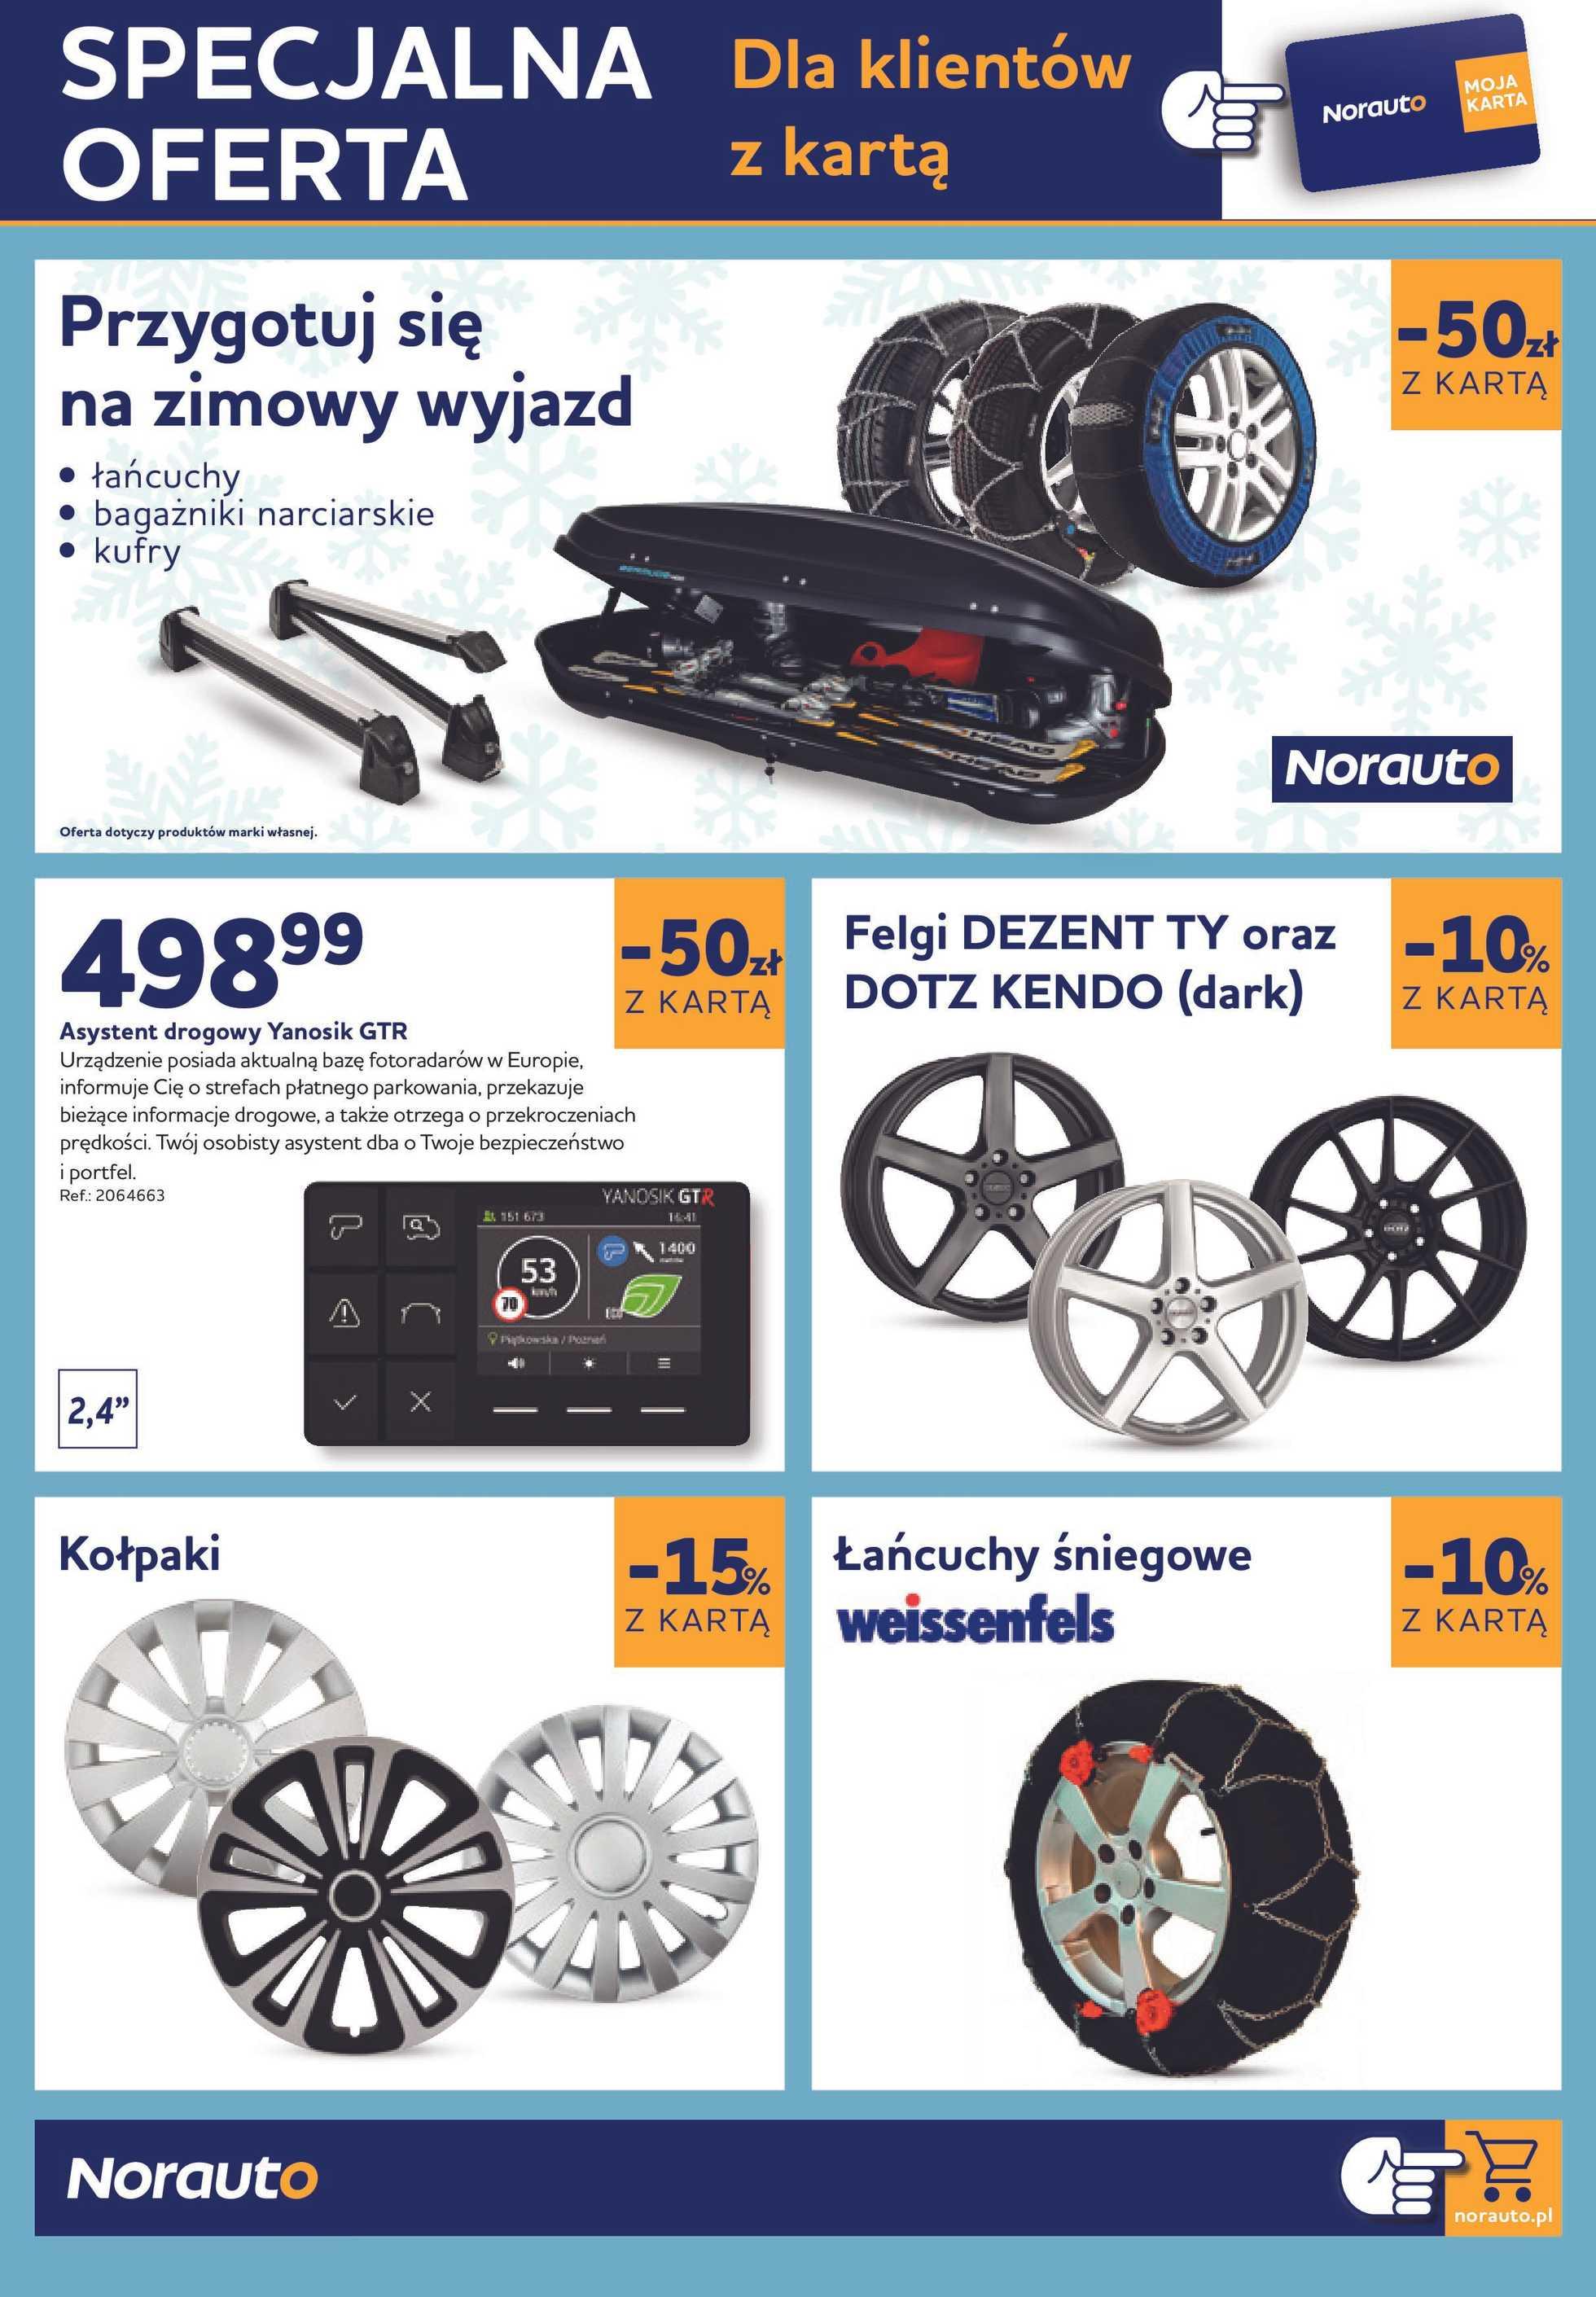 Norauto - gazetka promocyjna ważna od 01.02.2020 do 29.02.2020 - strona 4.